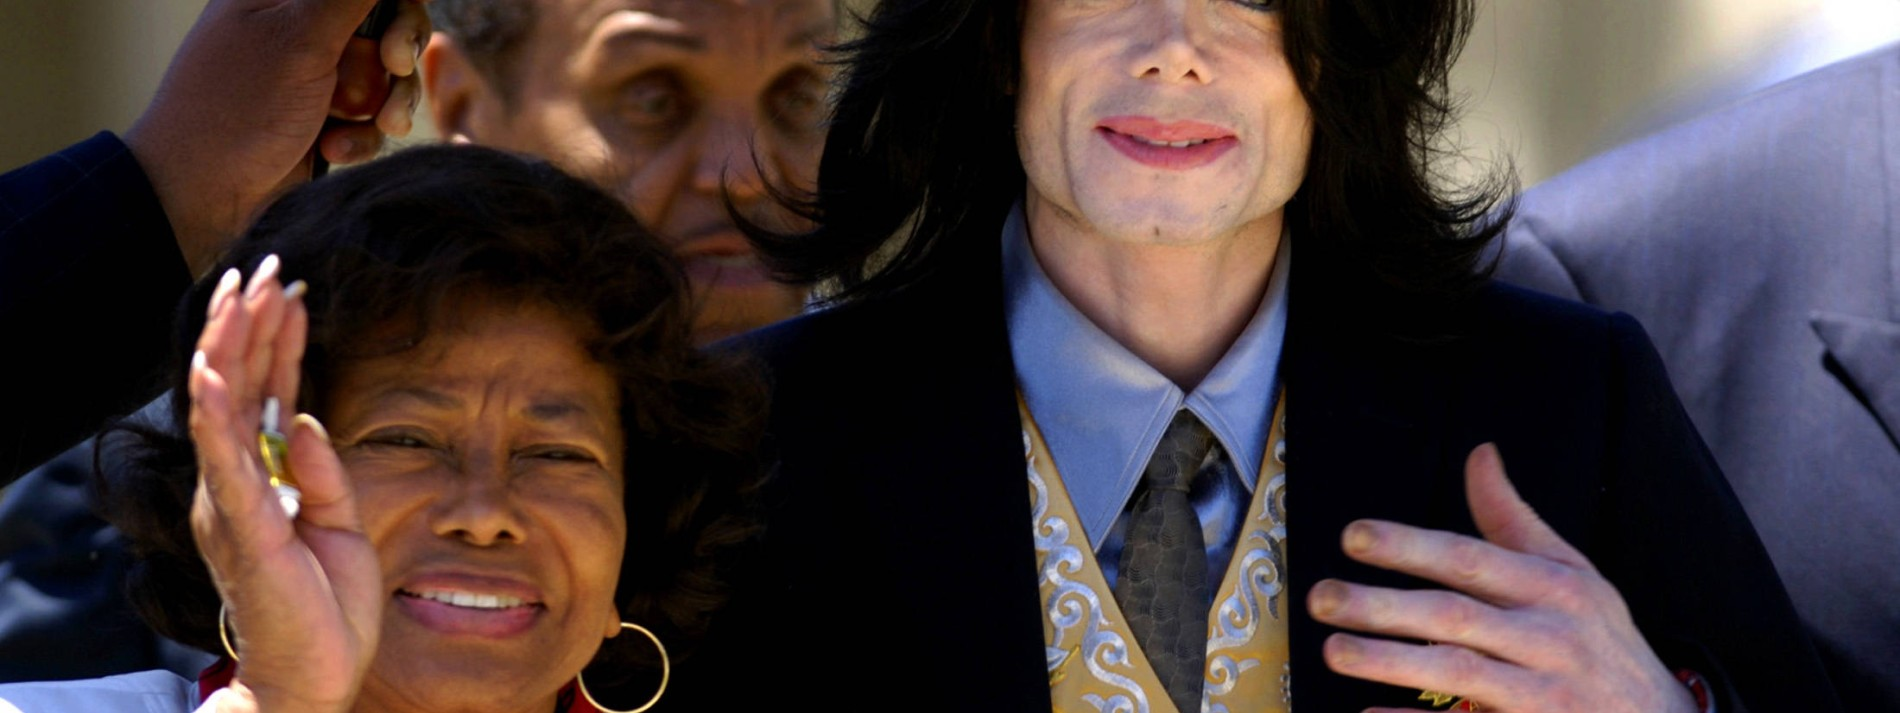 Konzertveranstalter nicht schuld an Tod von Michael Jackson